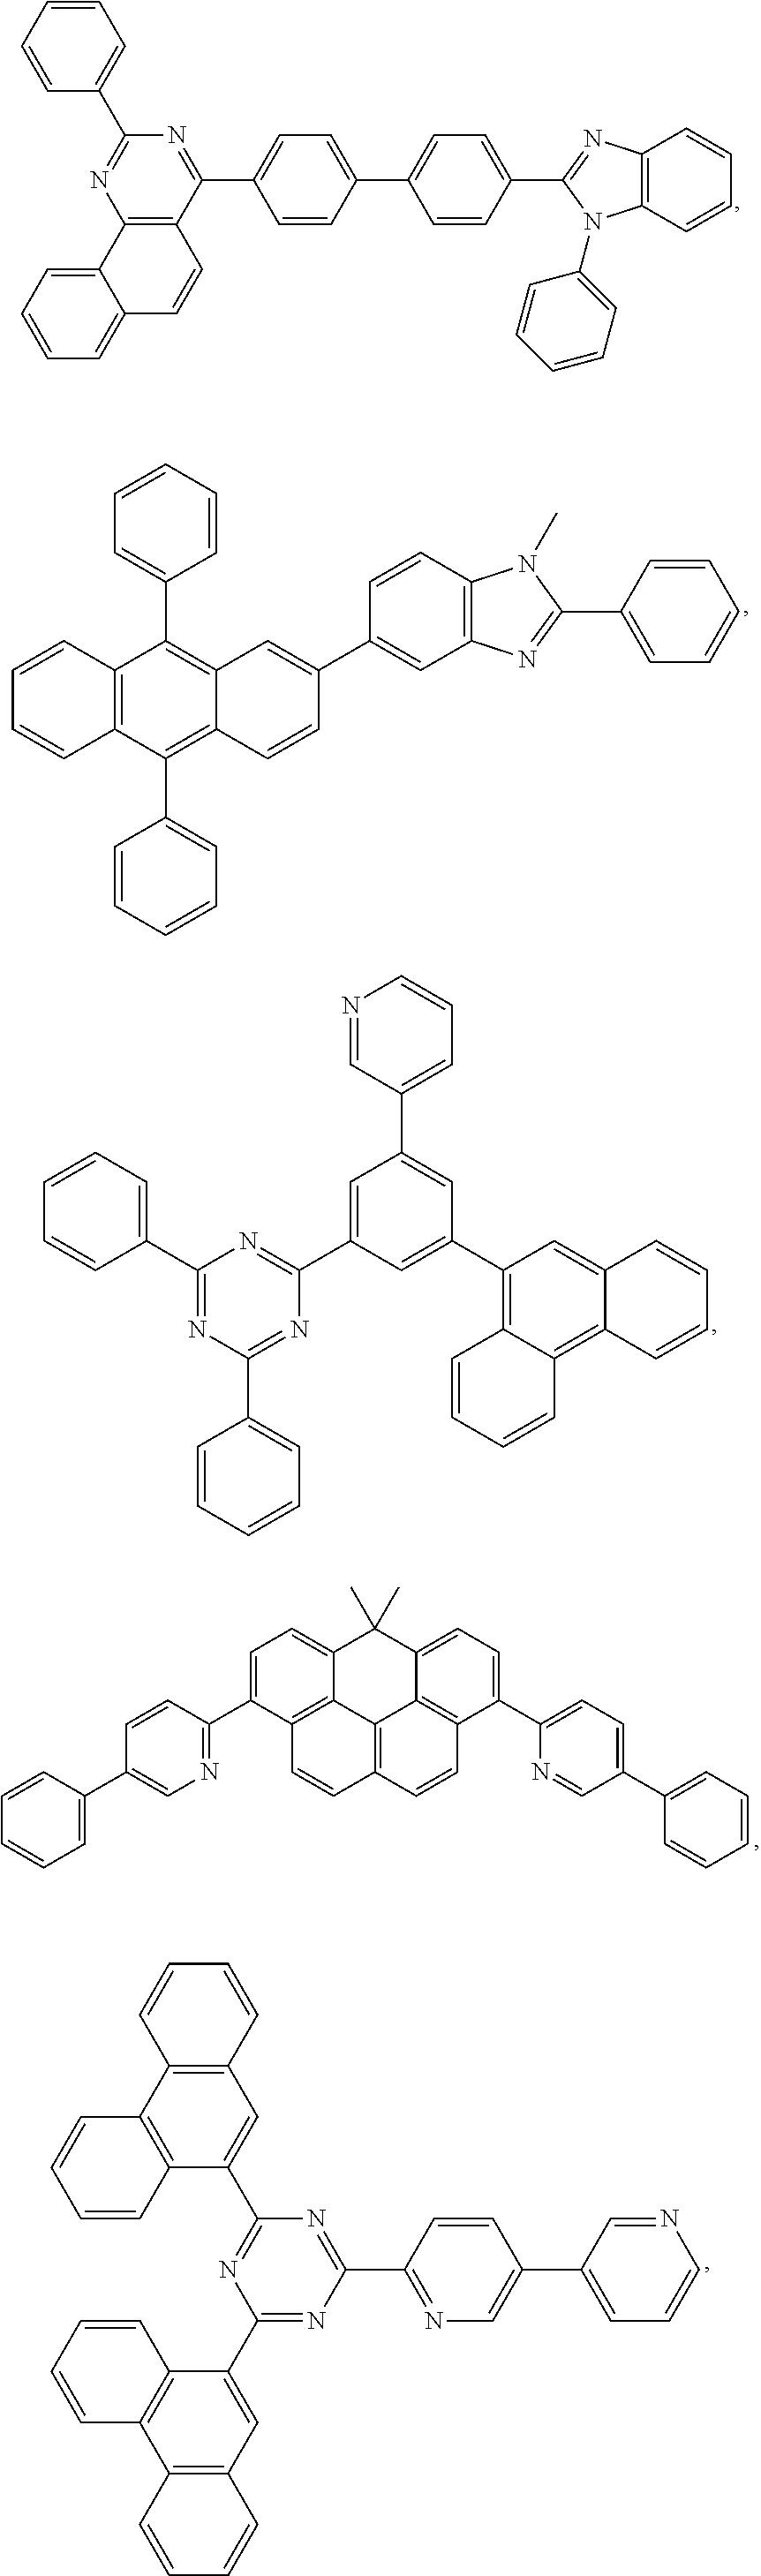 Figure US10144867-20181204-C00111